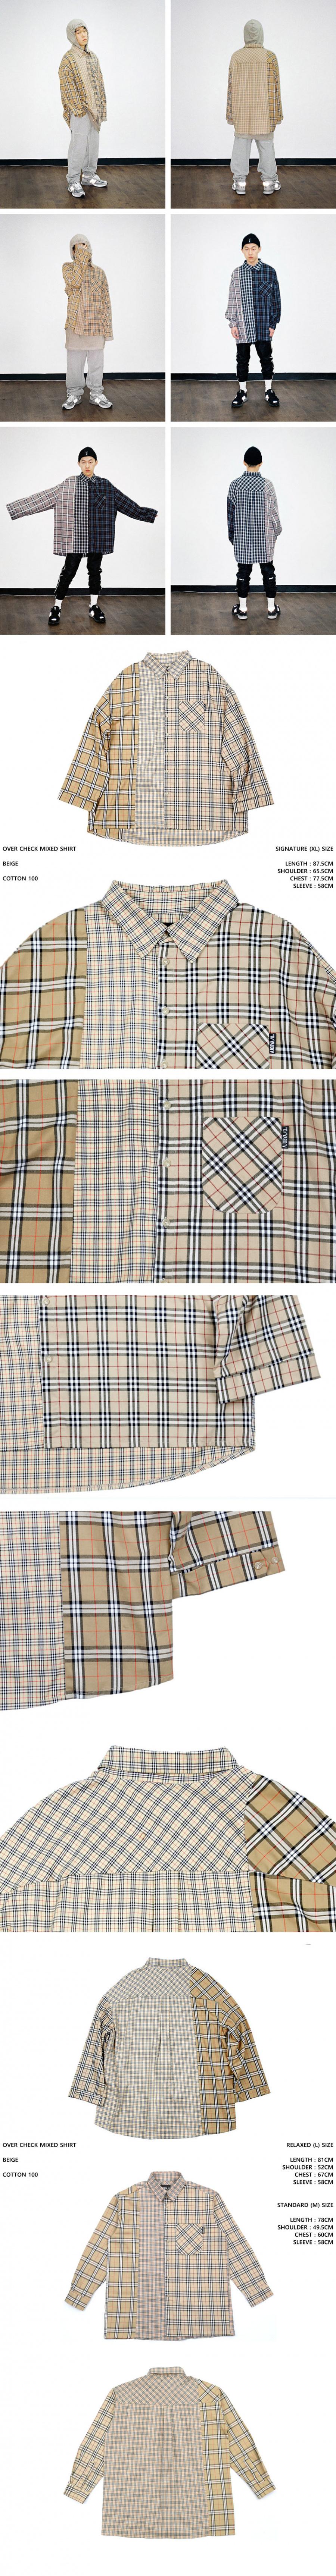 아조바이아조 오리지널 라벨(AJOBYAJO ORIGINAL LABEL) Over Check Mixed Shirt (Beige)